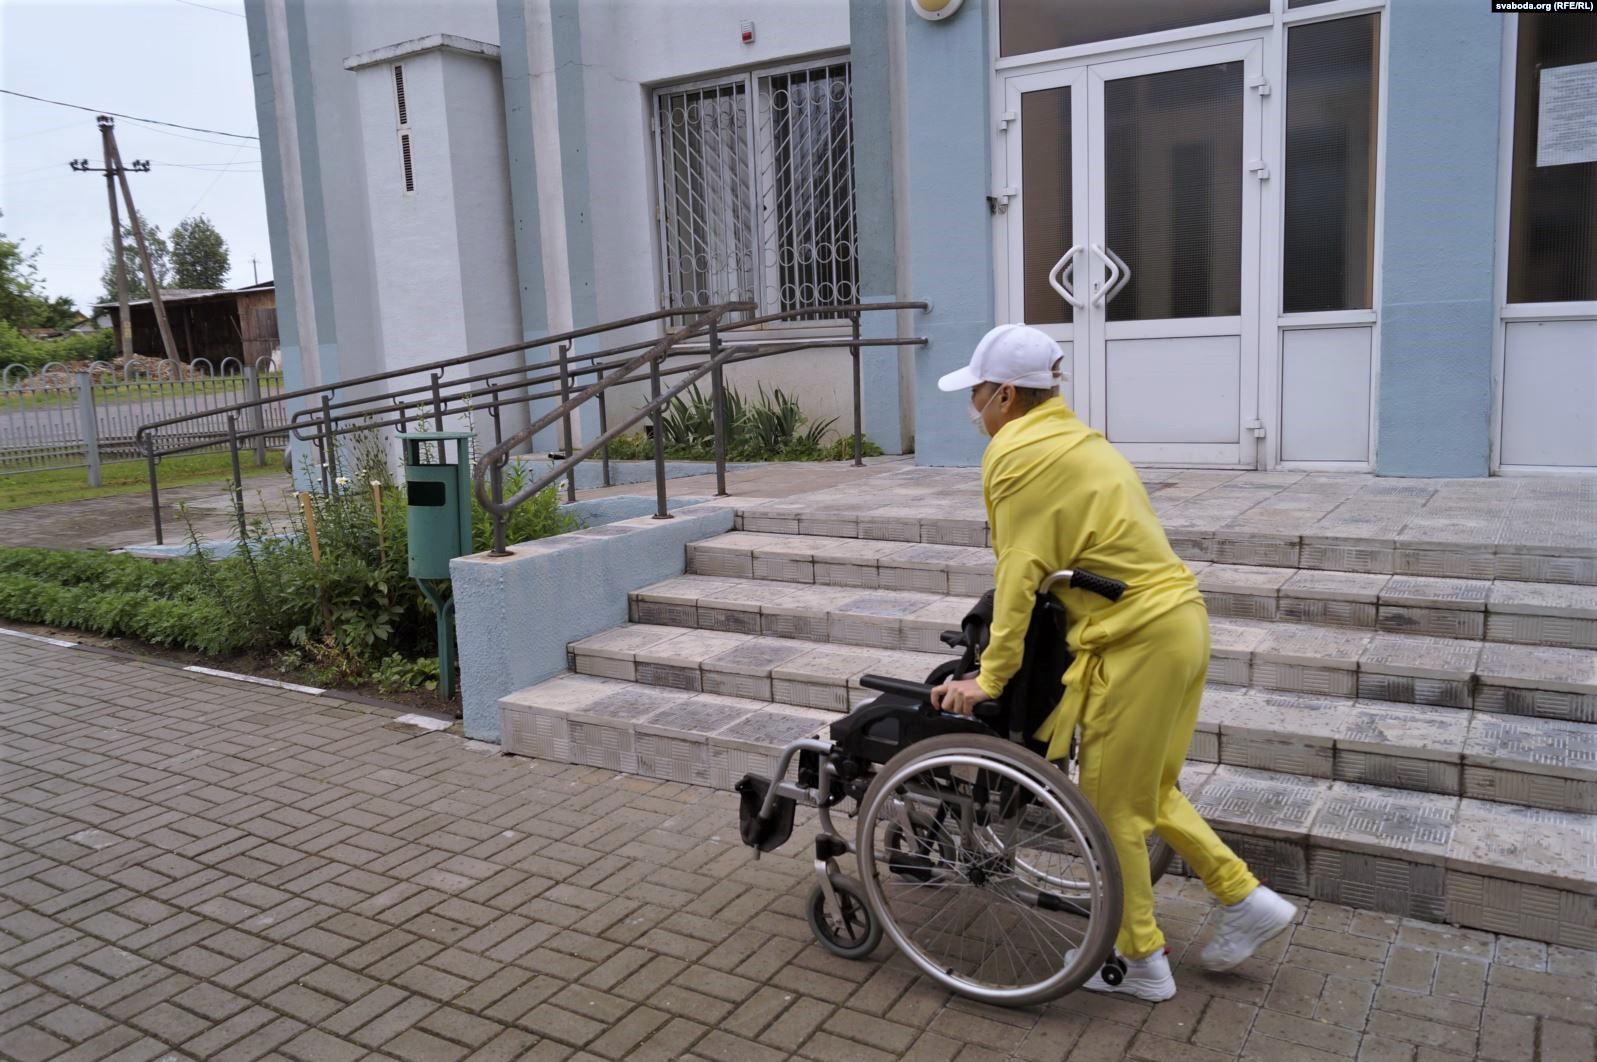 В Славгороде за экстремизм наказали женщину с инвалидностью